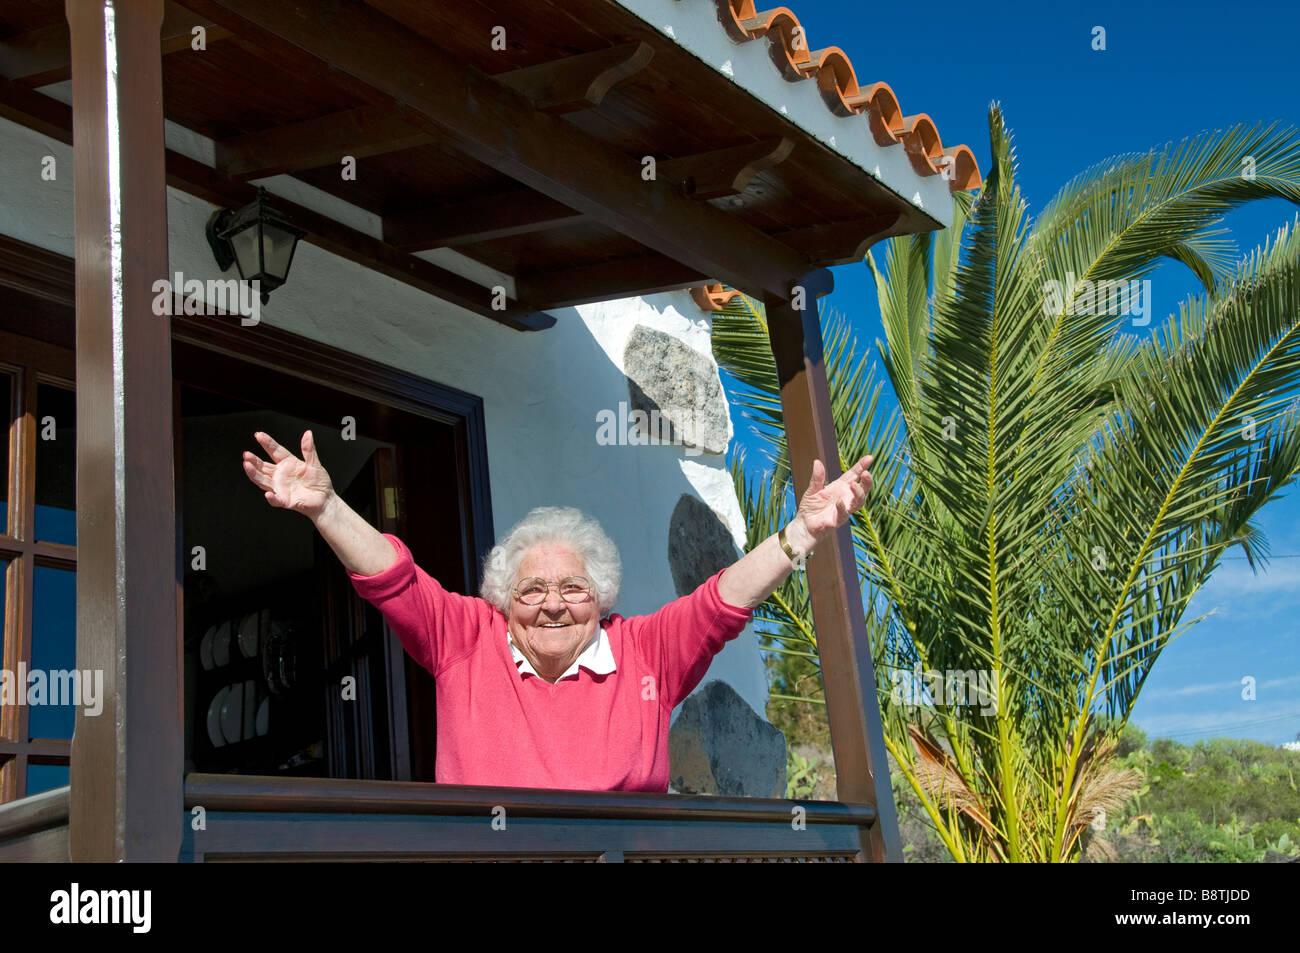 Heureux dame âgée avec vitalité étend ses bras profitant de vacances visite dans sa maison de Photo Stock